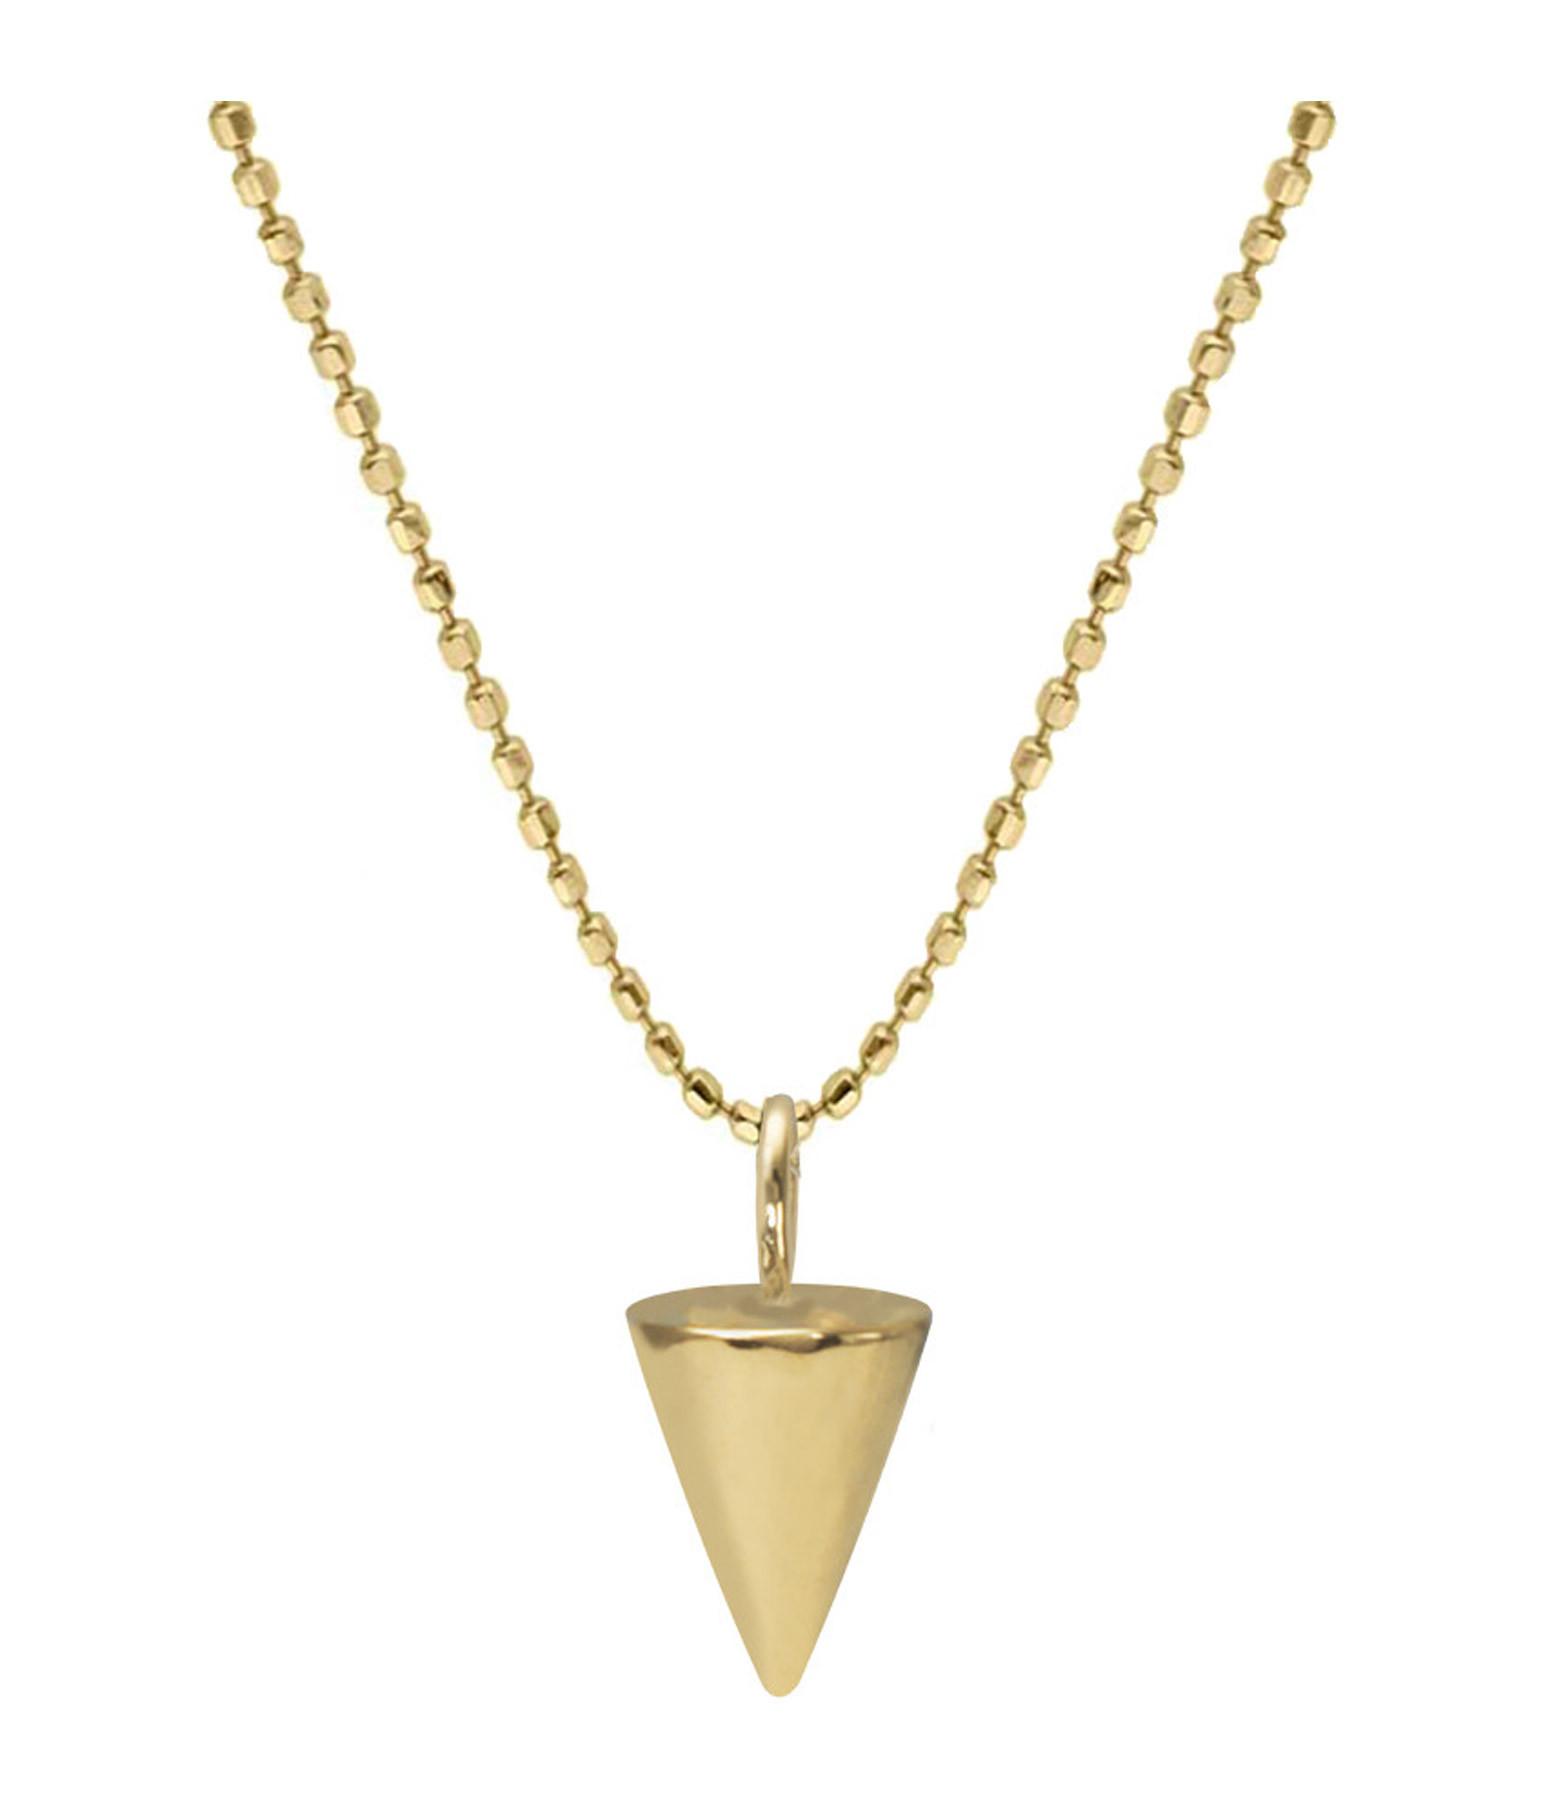 AND...PARIS - Sautoir Dessa Chaîne Boule Spike Diamants Or